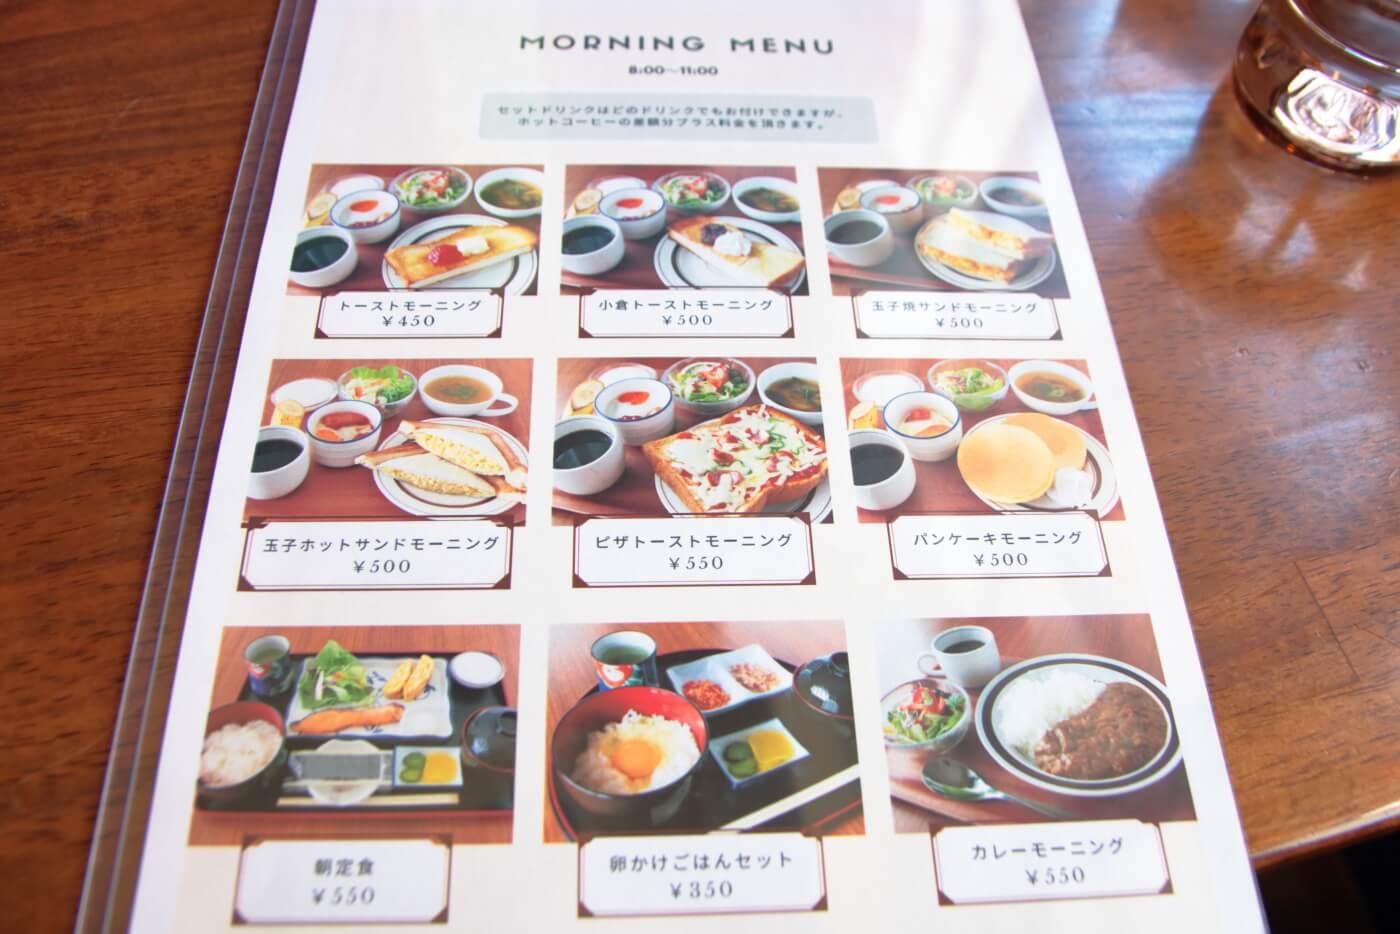 高知市のカフェ蒼乃屋のモーニングメニュー